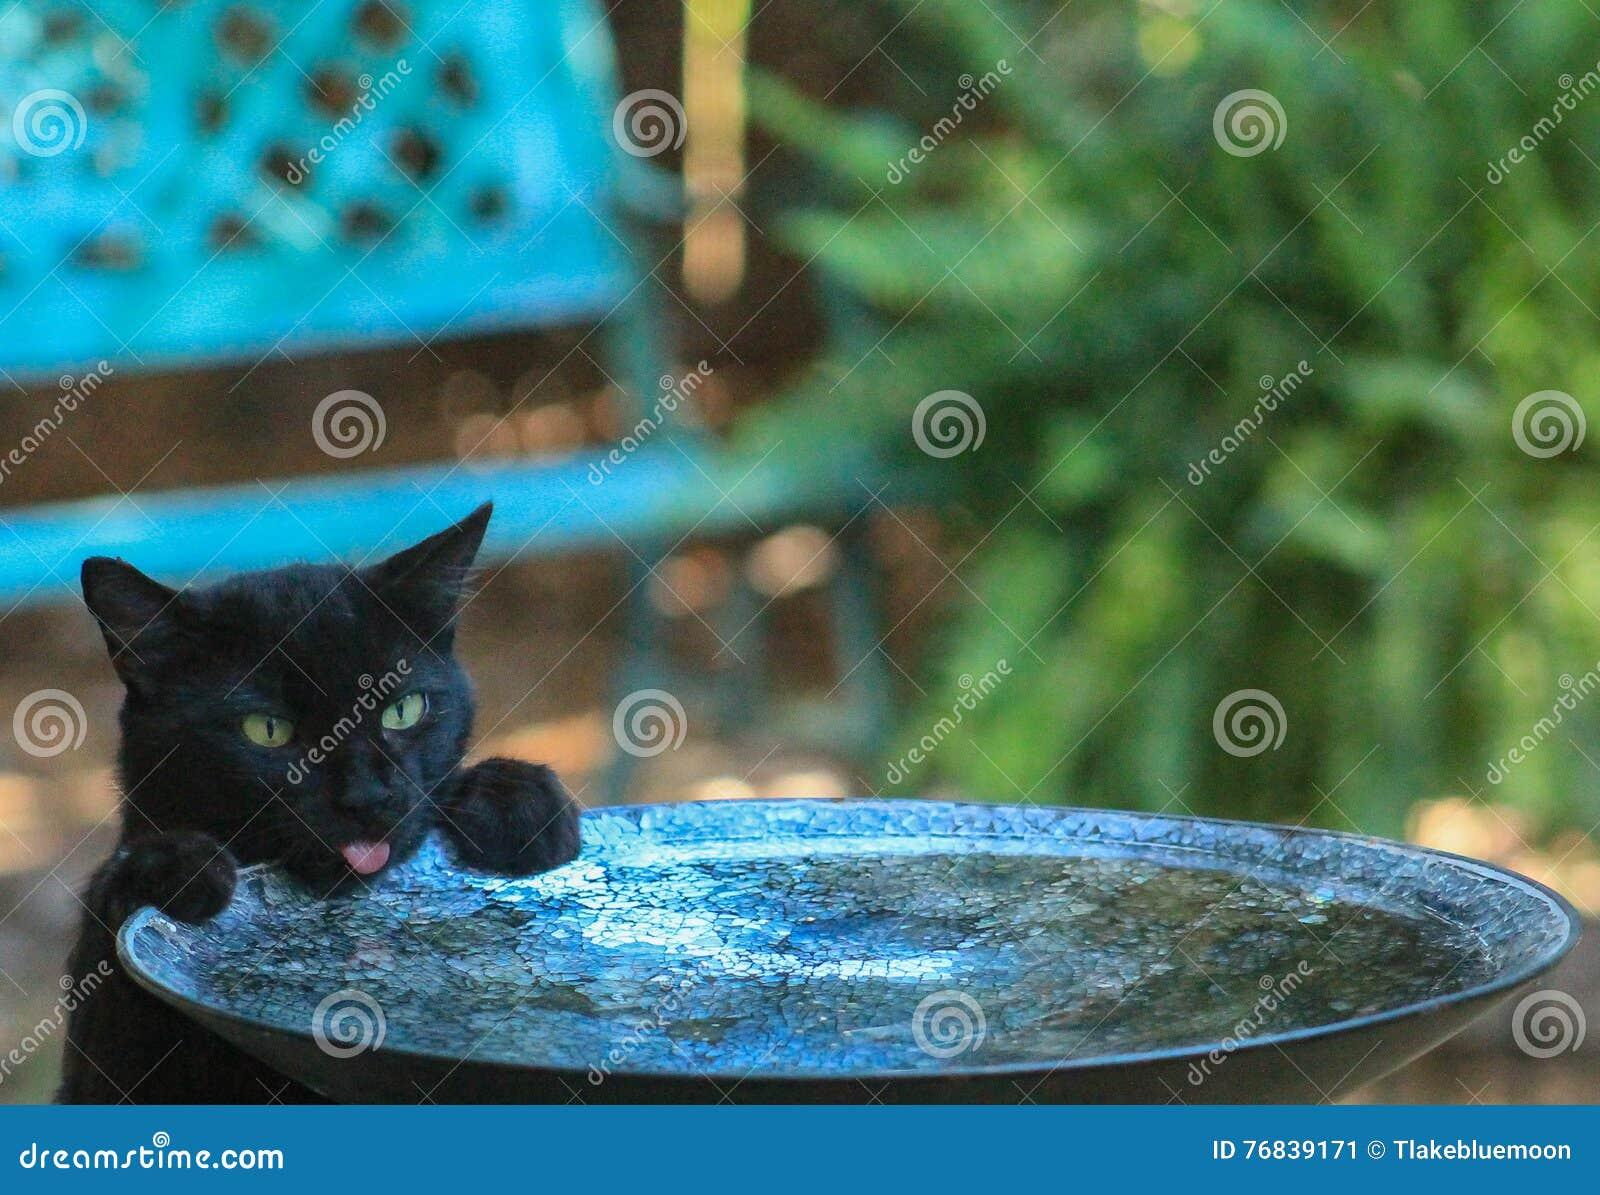 Schwarze Katze-Vogeltränke stockbild. Bild von haustier - 76839171